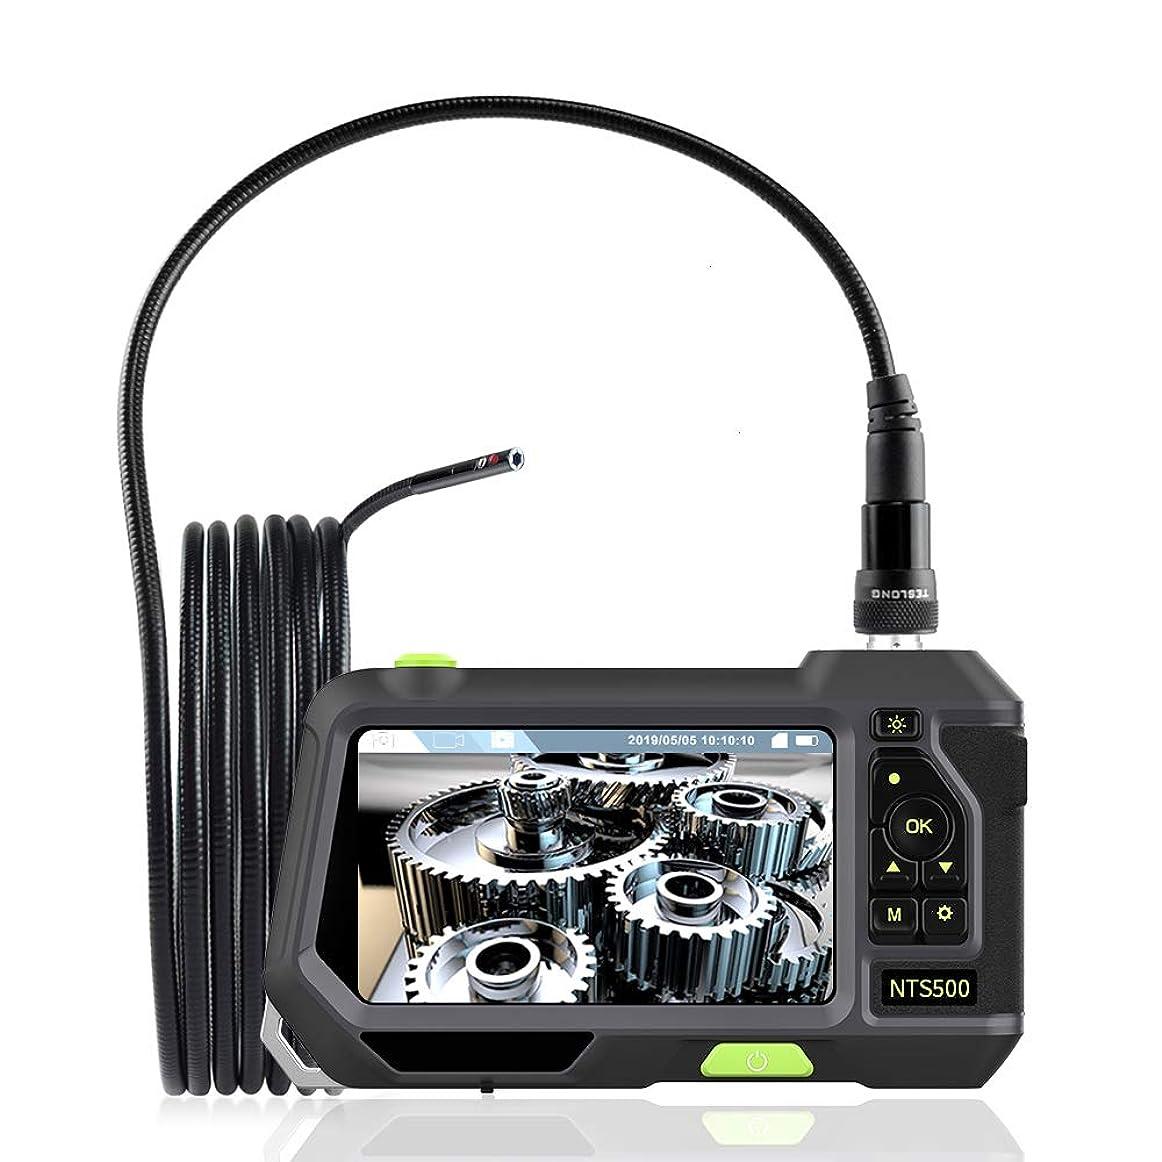 経済的溶岩感情Teslong?【新開発】TFカード 工業内視鏡 二重カメラを搭載 長 3m直径 5.5mmデュアルカメラ 内視鏡ファイバースコープ 5インチスクリーン 管内カメラ ダイバー用装備品 撮影用等にご利用いただけます> ミニカメラ 水中カメラ 多機能内視鏡 5.5mm極細 360画面回転、IP67防水 いろんな場所に活躍 日本語説明書と日本語オペレーティングシステムが装備されています 1枚のメモリーカード(16G)が付属しています (3M-5.5mmデュアルカメラ )